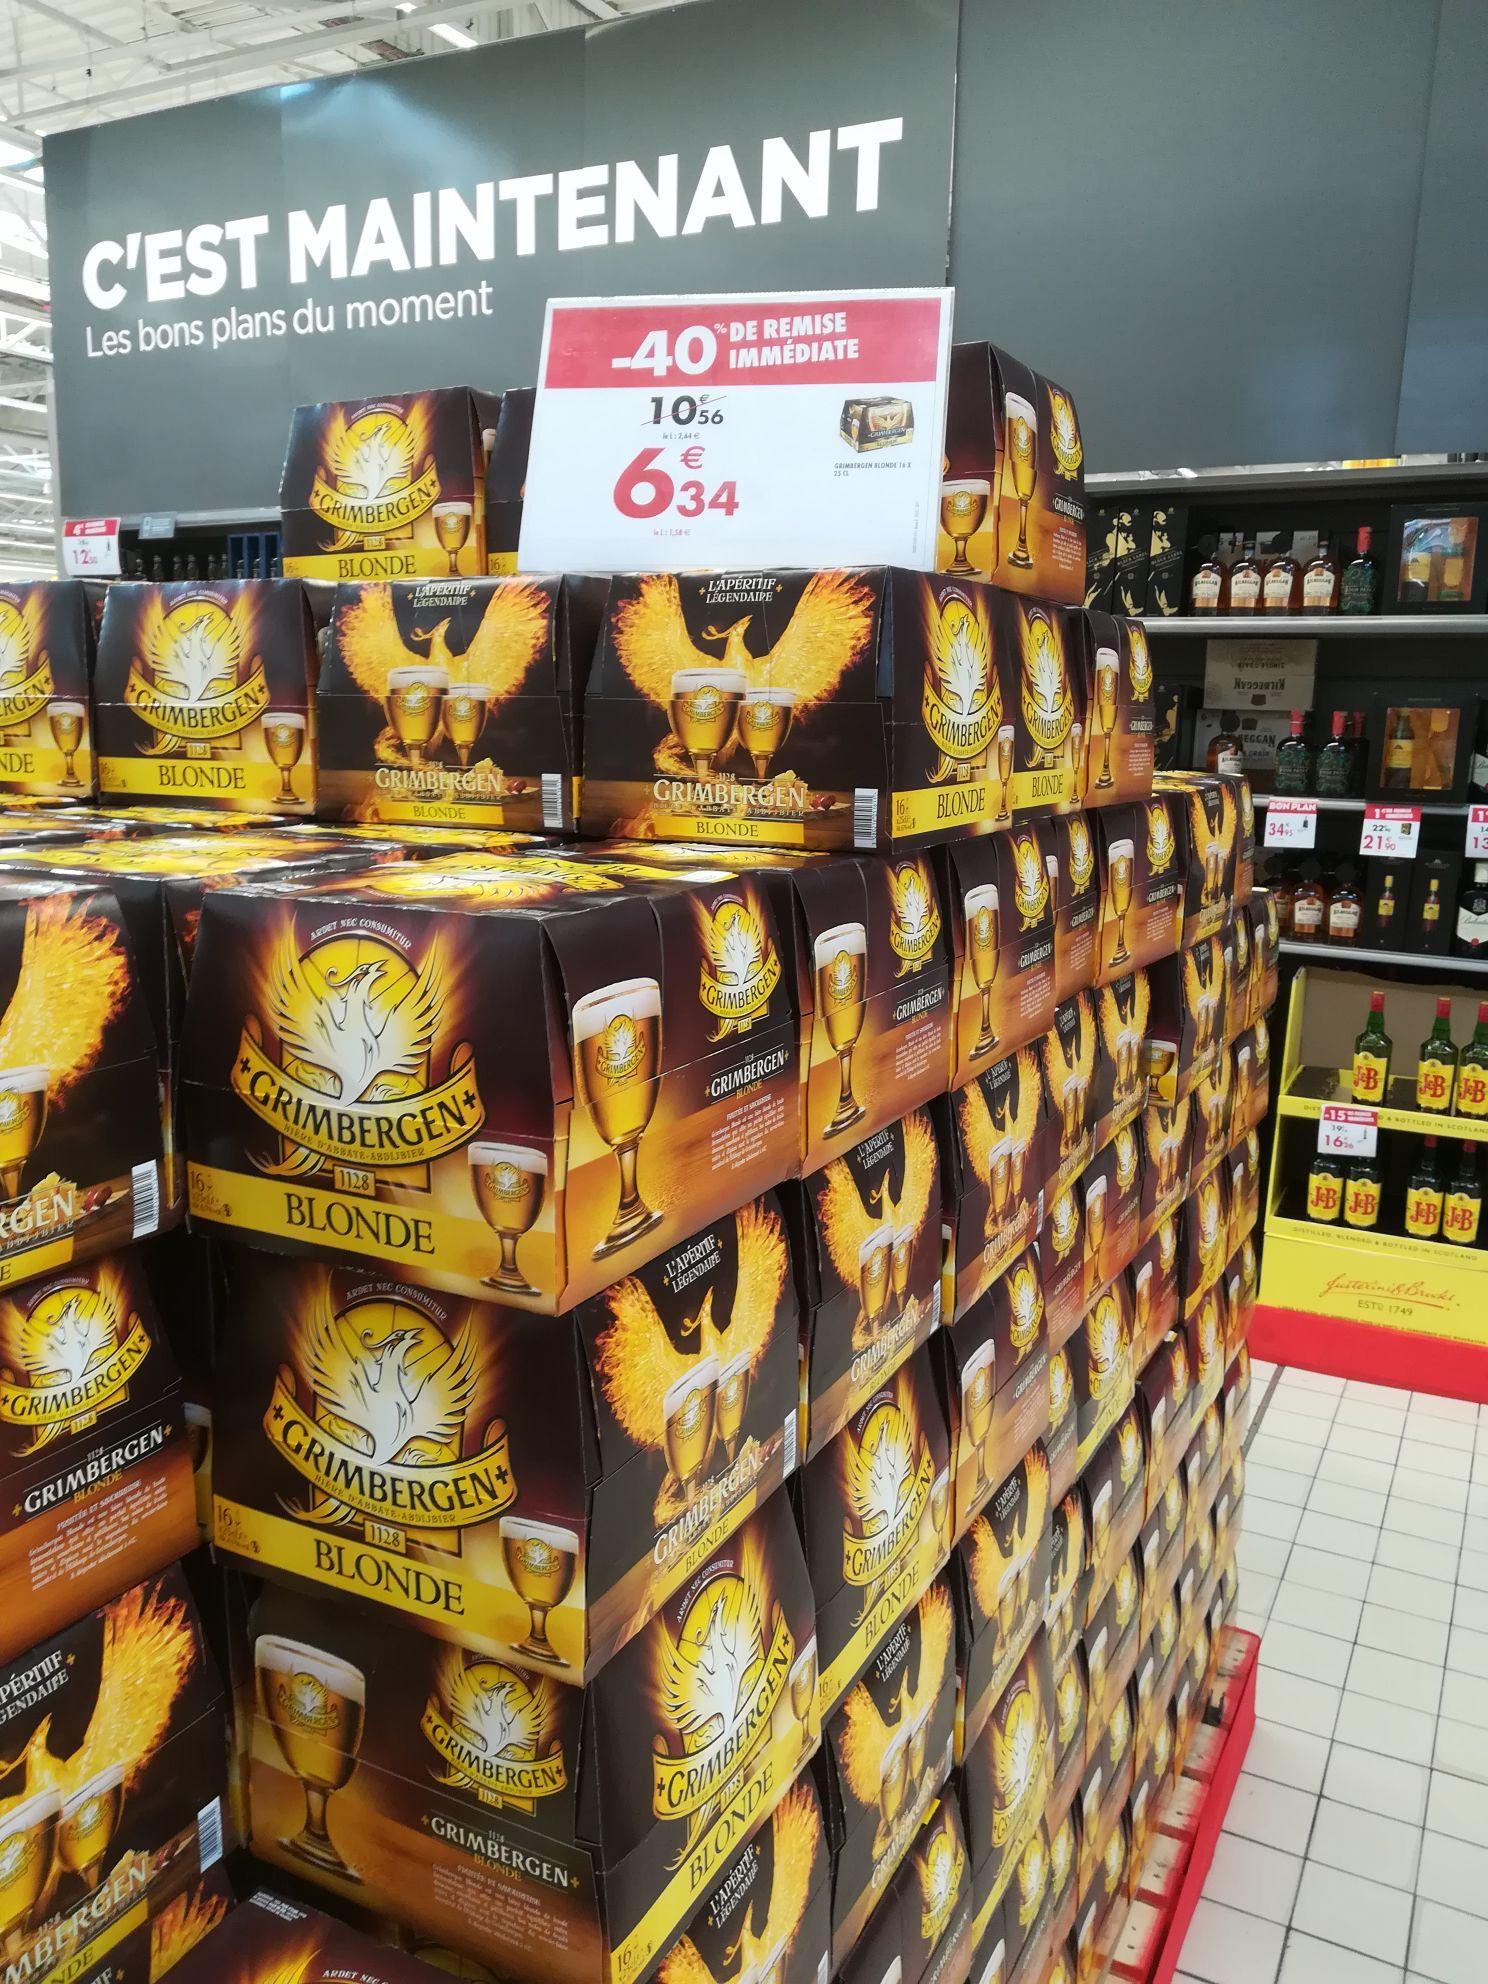 Pack de 16 bières blondes Grimbergen - Marzy (58)